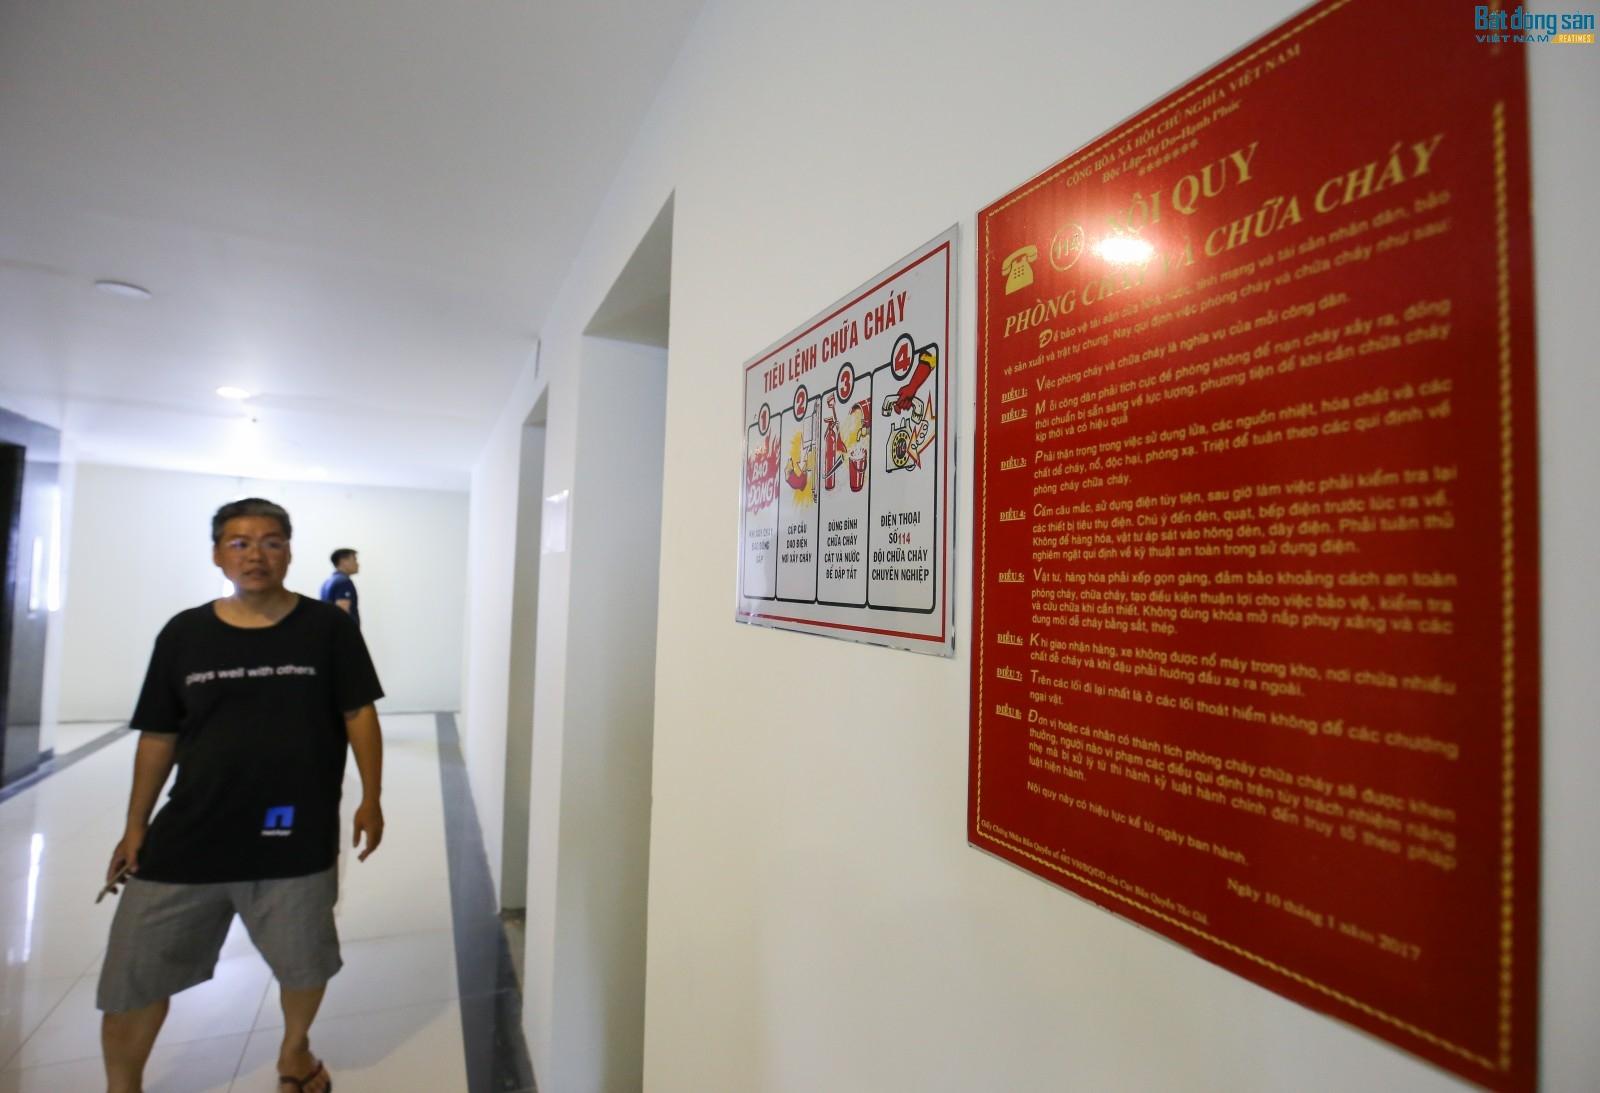 Bộ tiêu lệnh chữa cháy được gắn khắp các hành lang của các tòa nhà, tuy nhiên theo quan sát của PV thì không hề thấy tủ thiết bị chữa cháy.